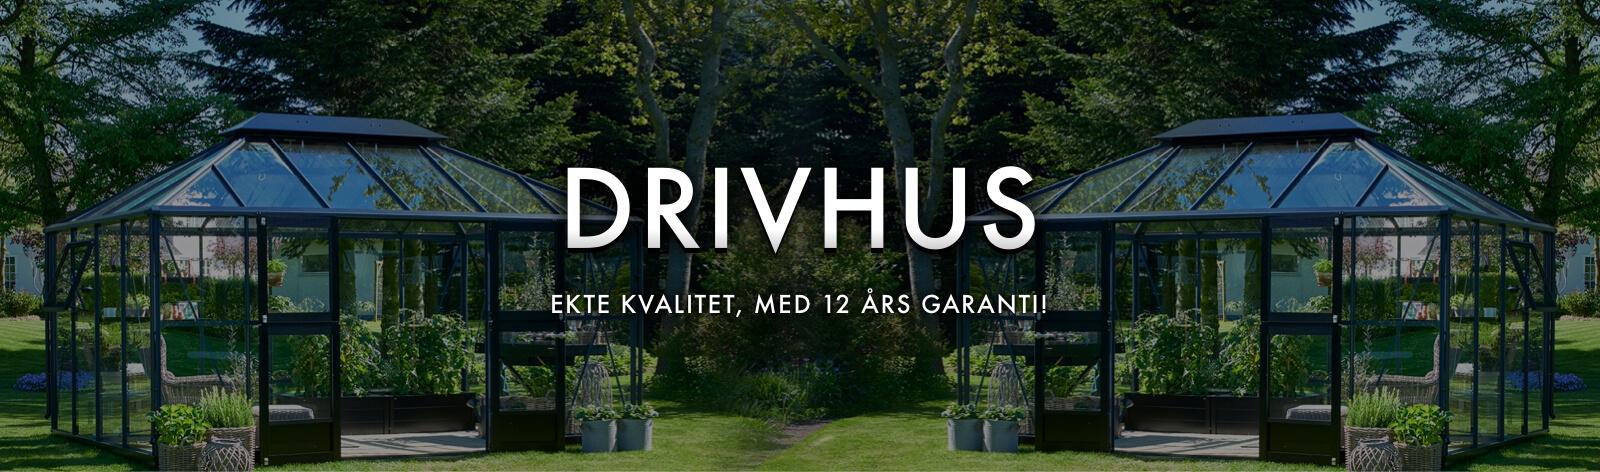 Magnum Drivhus